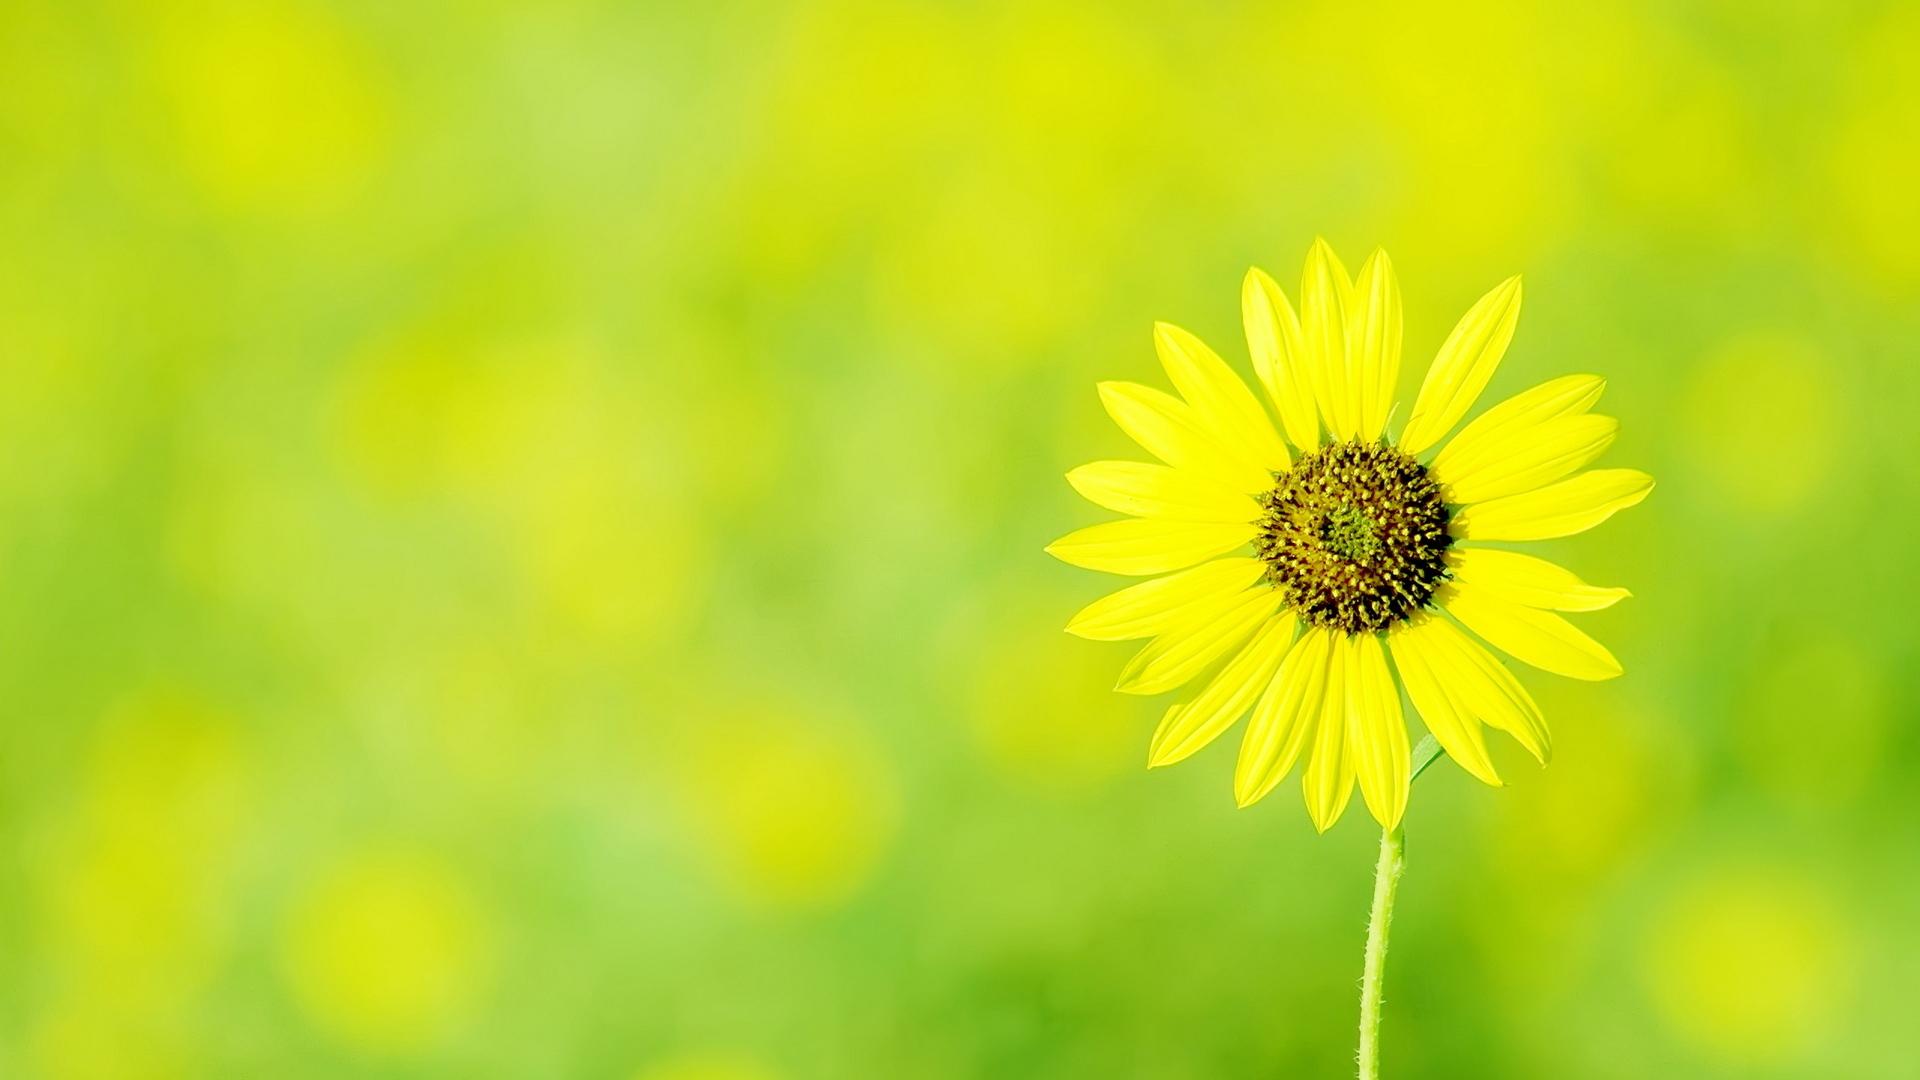 Желтый цветок в зеленой траве в хорошем качестве